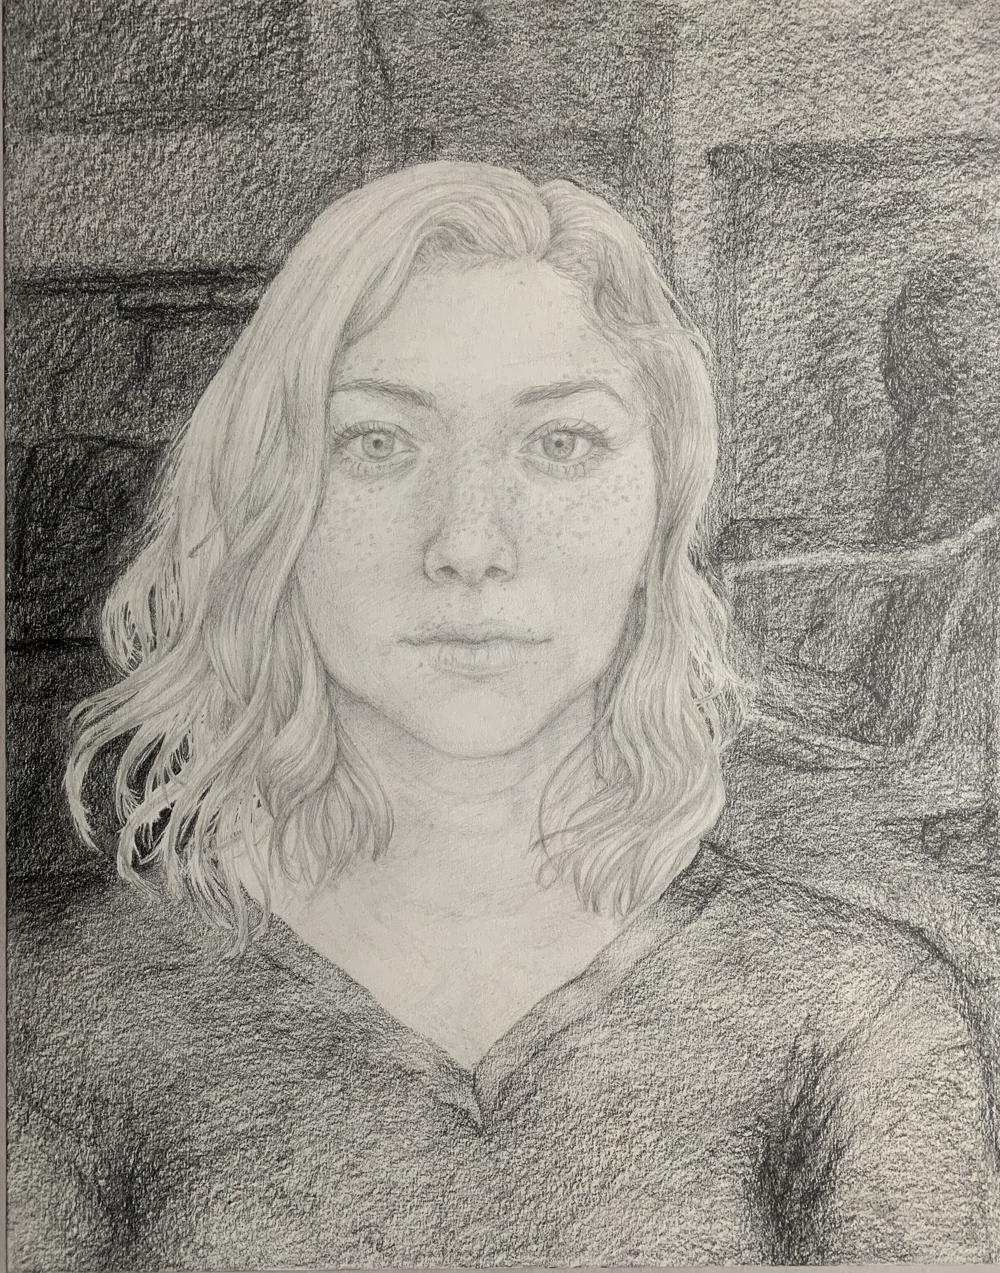 """Ellen Cervantes; Self Portrait, 2019; Graphite on Paper; 24 x 16""""; Drawing"""